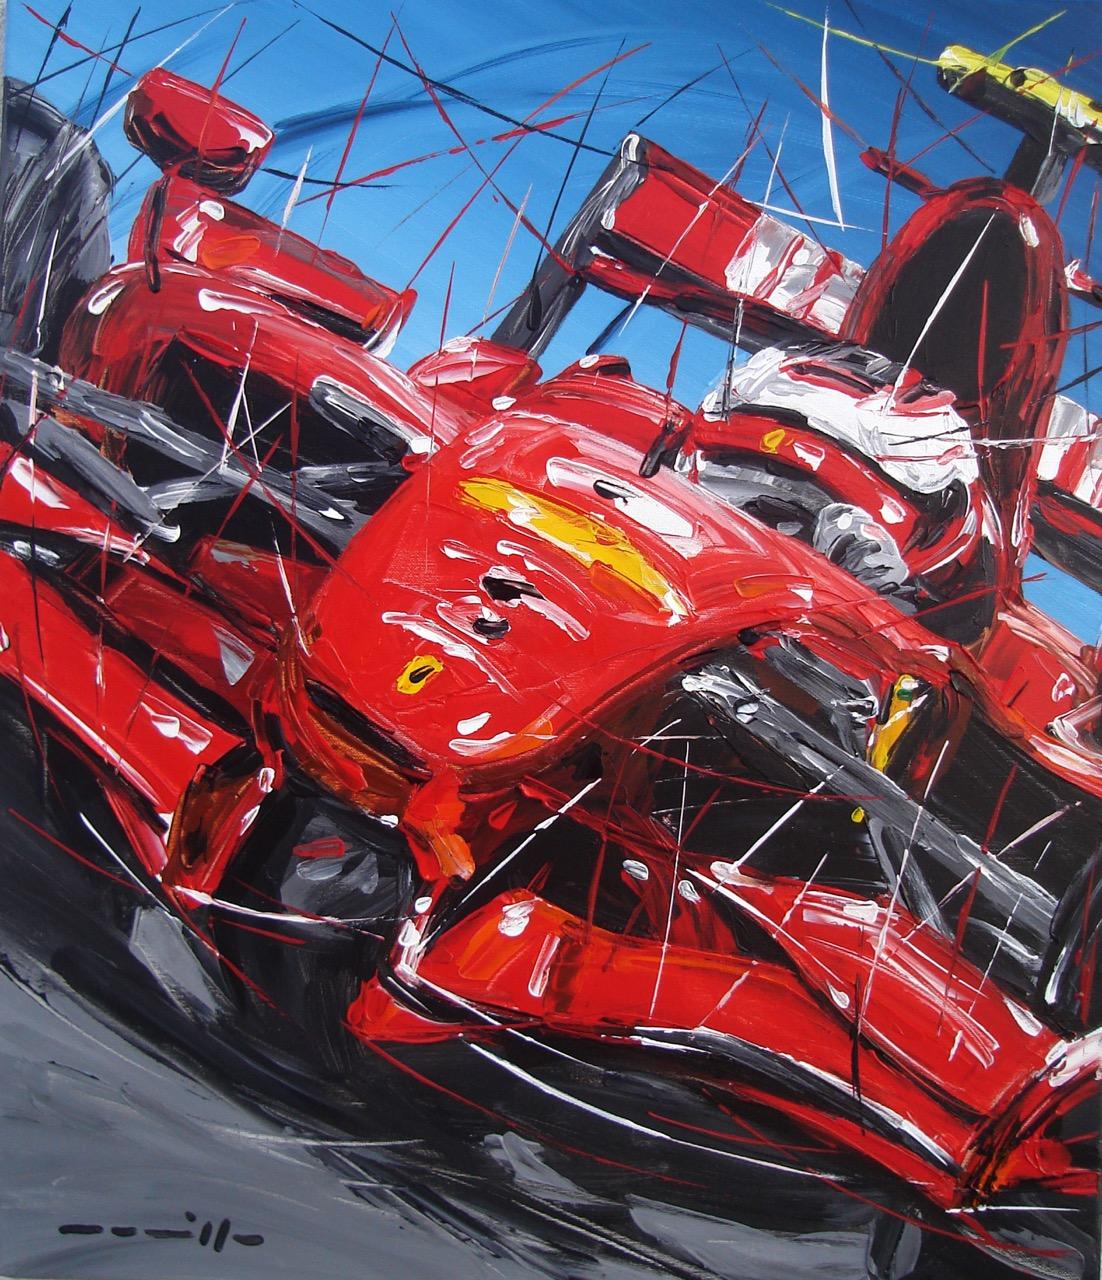 Raikkonen_Ferrari2007_66x76.jpg